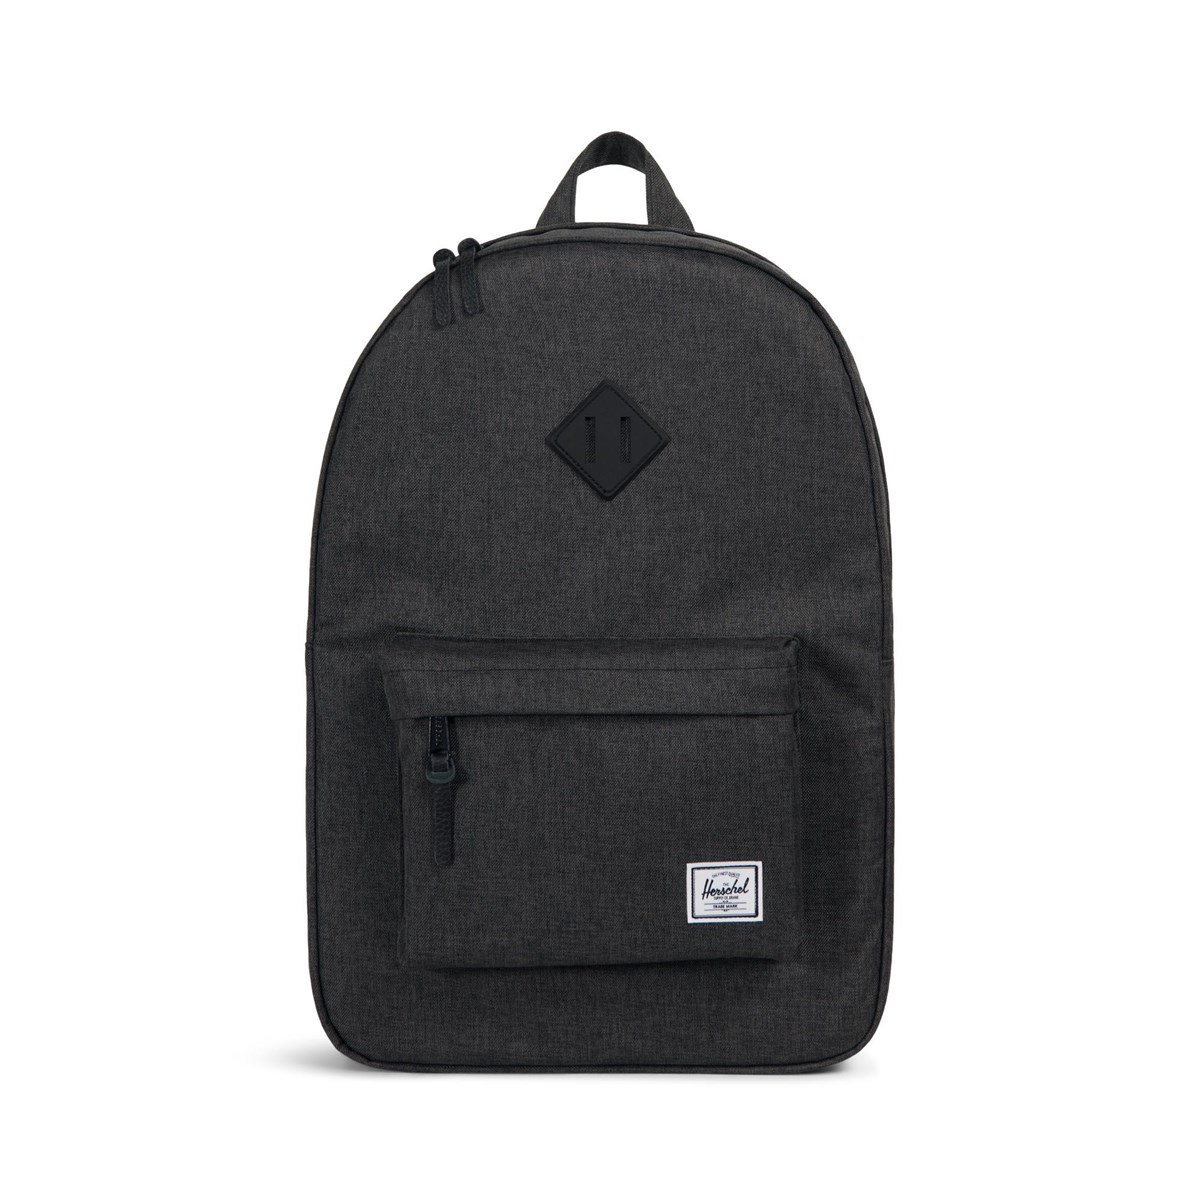 Heritage Backpack in Black